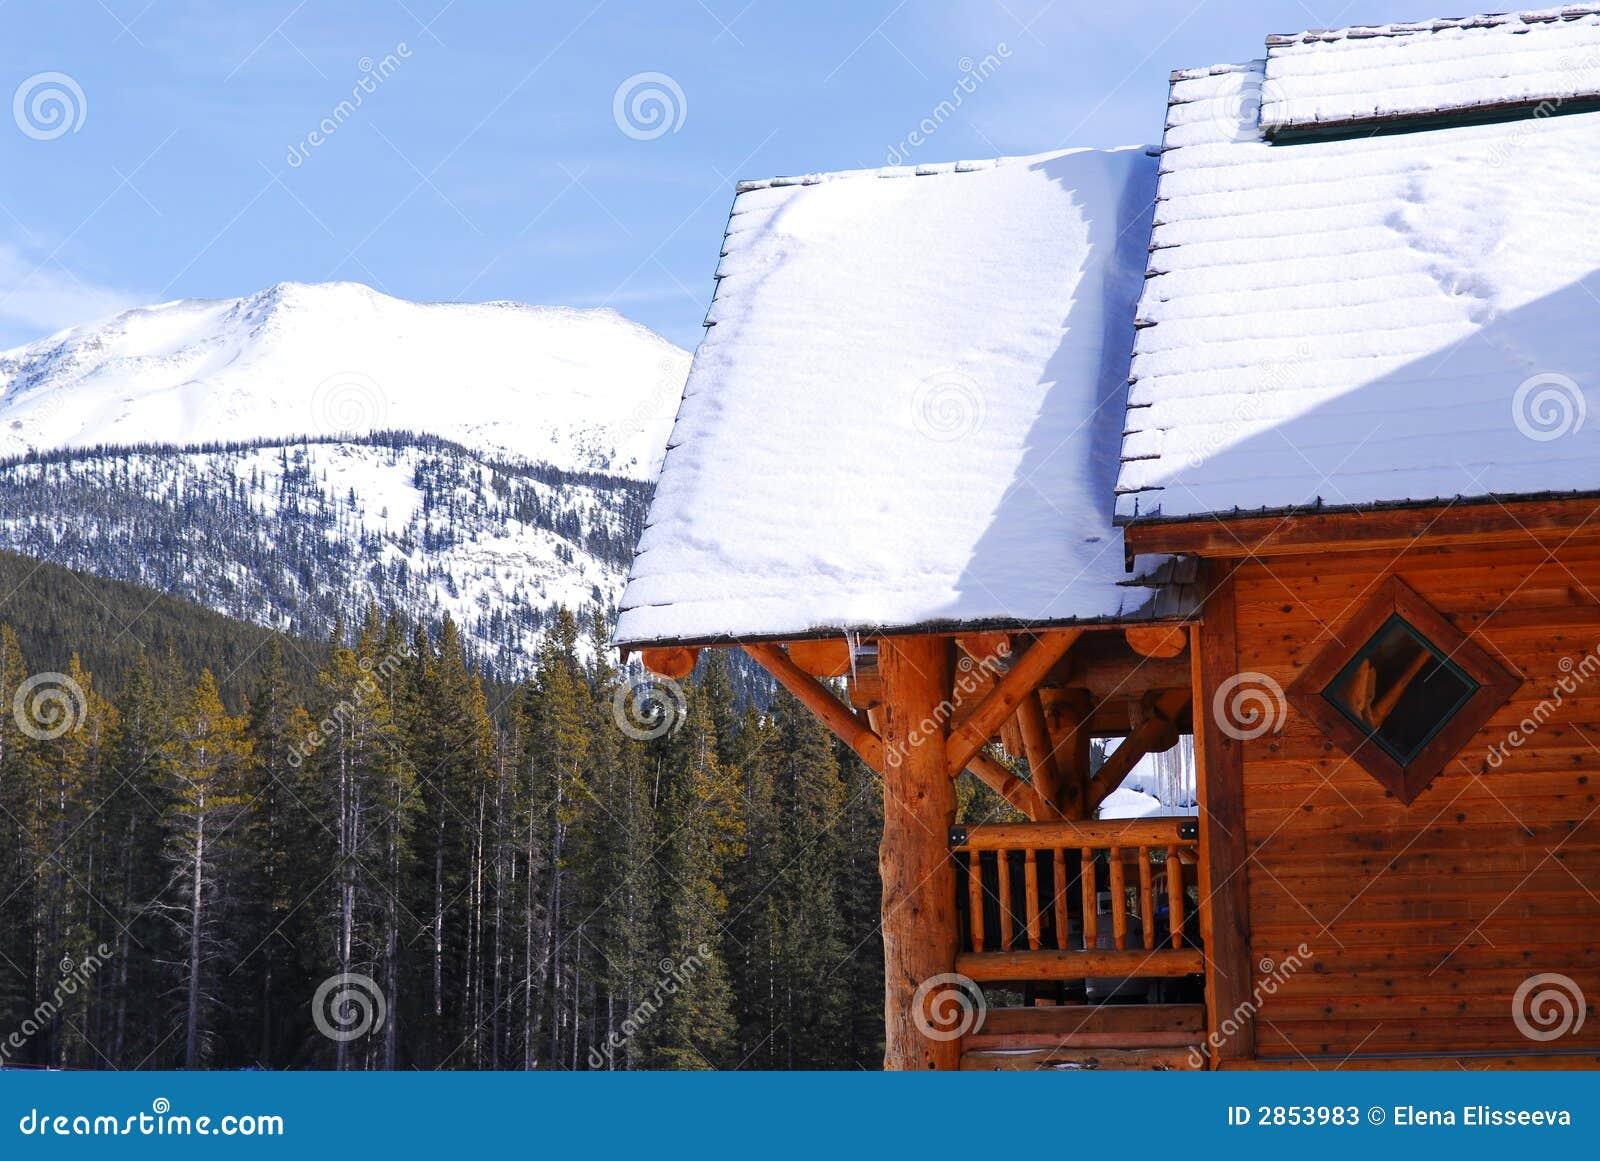 Cabina della montagna del libro macchina immagine stock for Riparazione della cabina di log